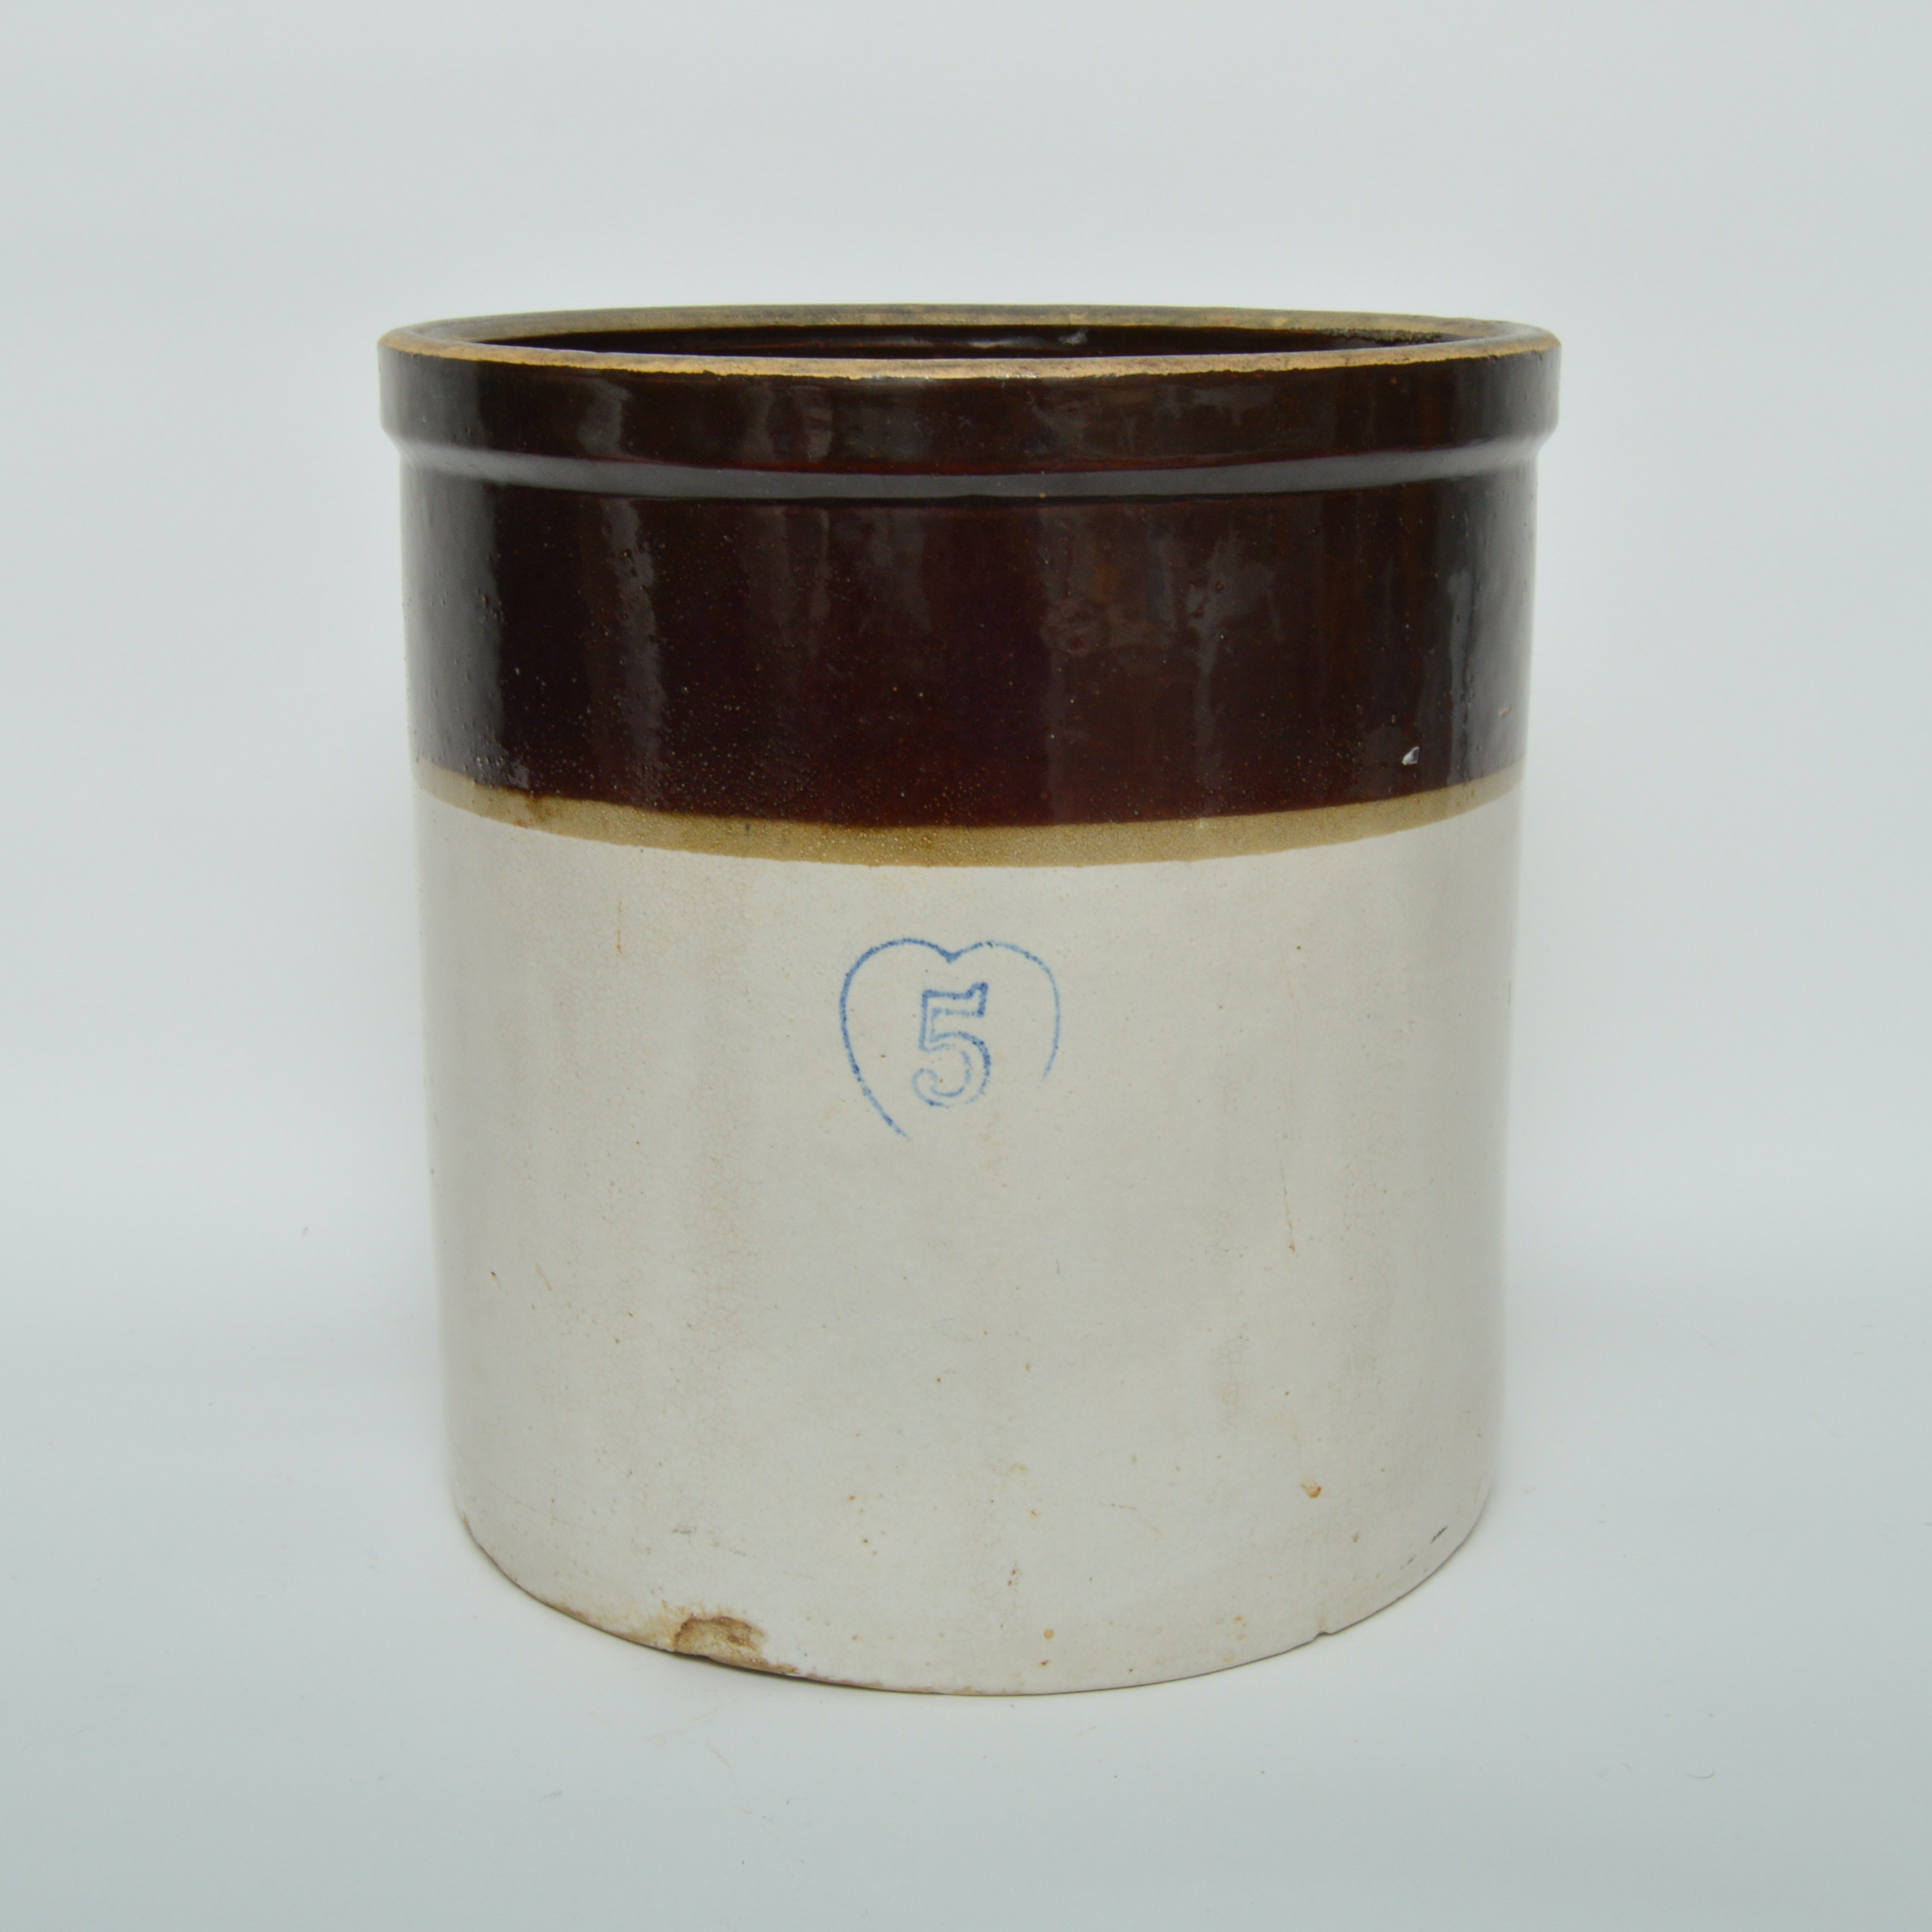 Five Gallon Stoneware Crock